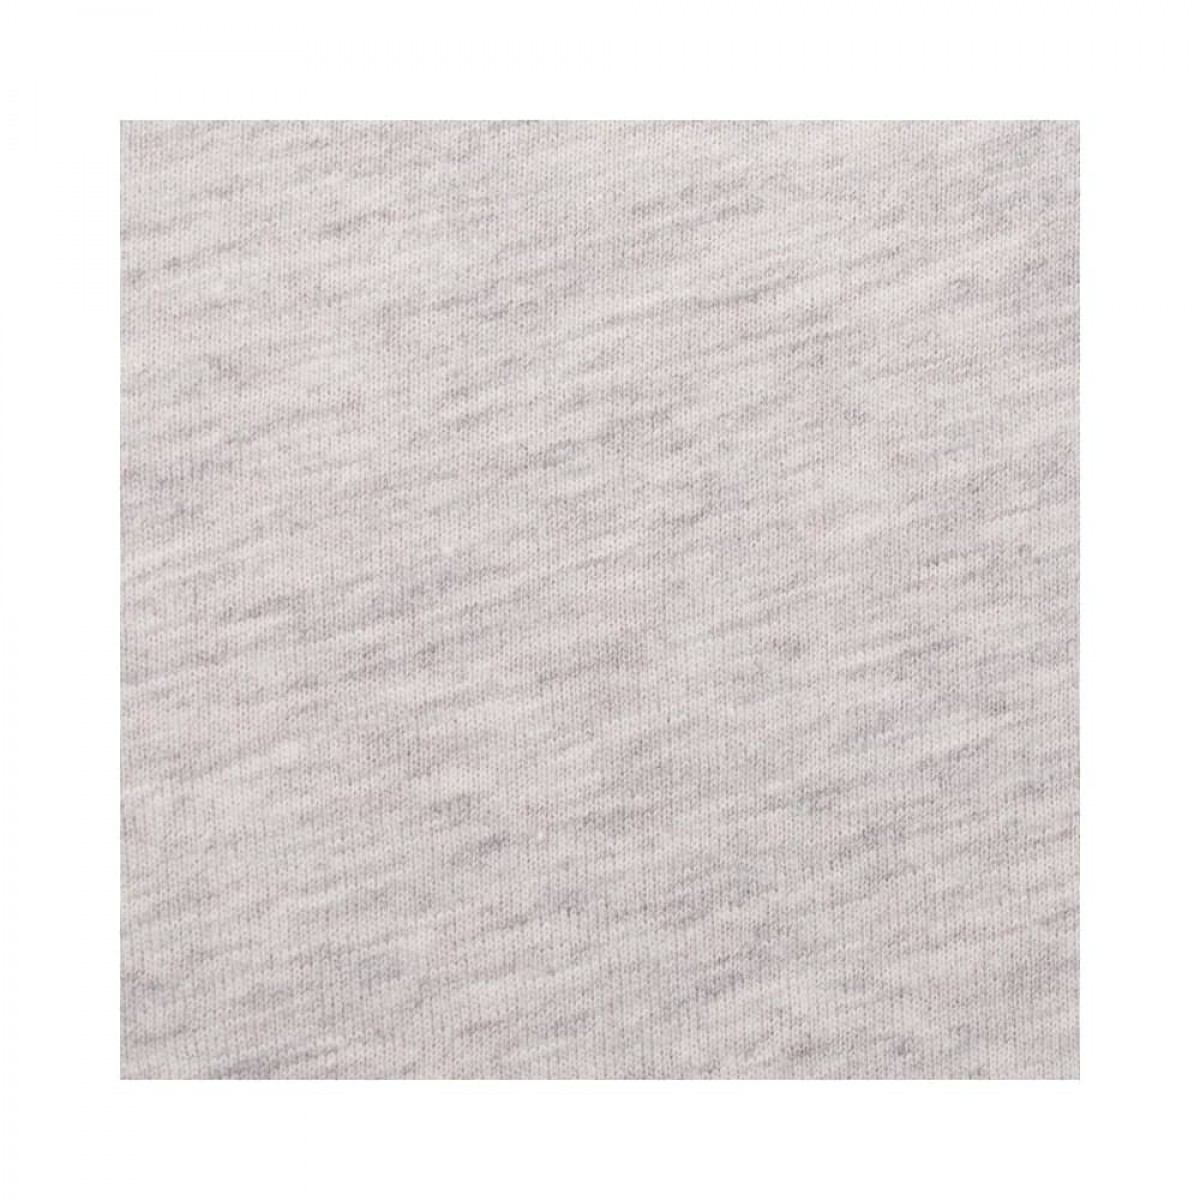 reda lala leo t-shirt - grey melange - kvalitet